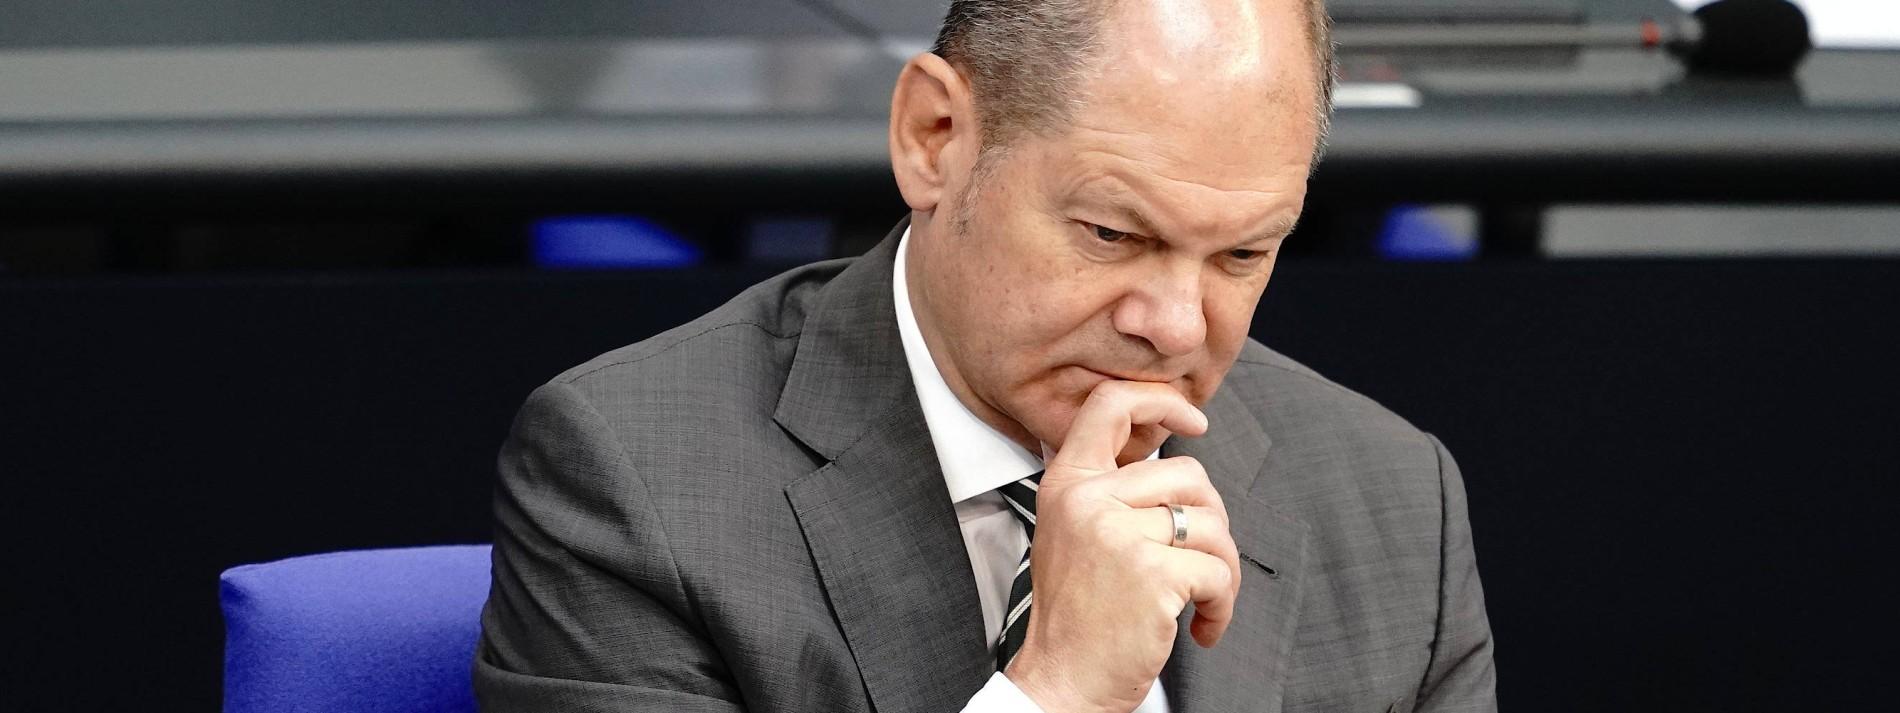 Bundesregierung: EZB hat Urteil aus Karlsruhe erfüllt